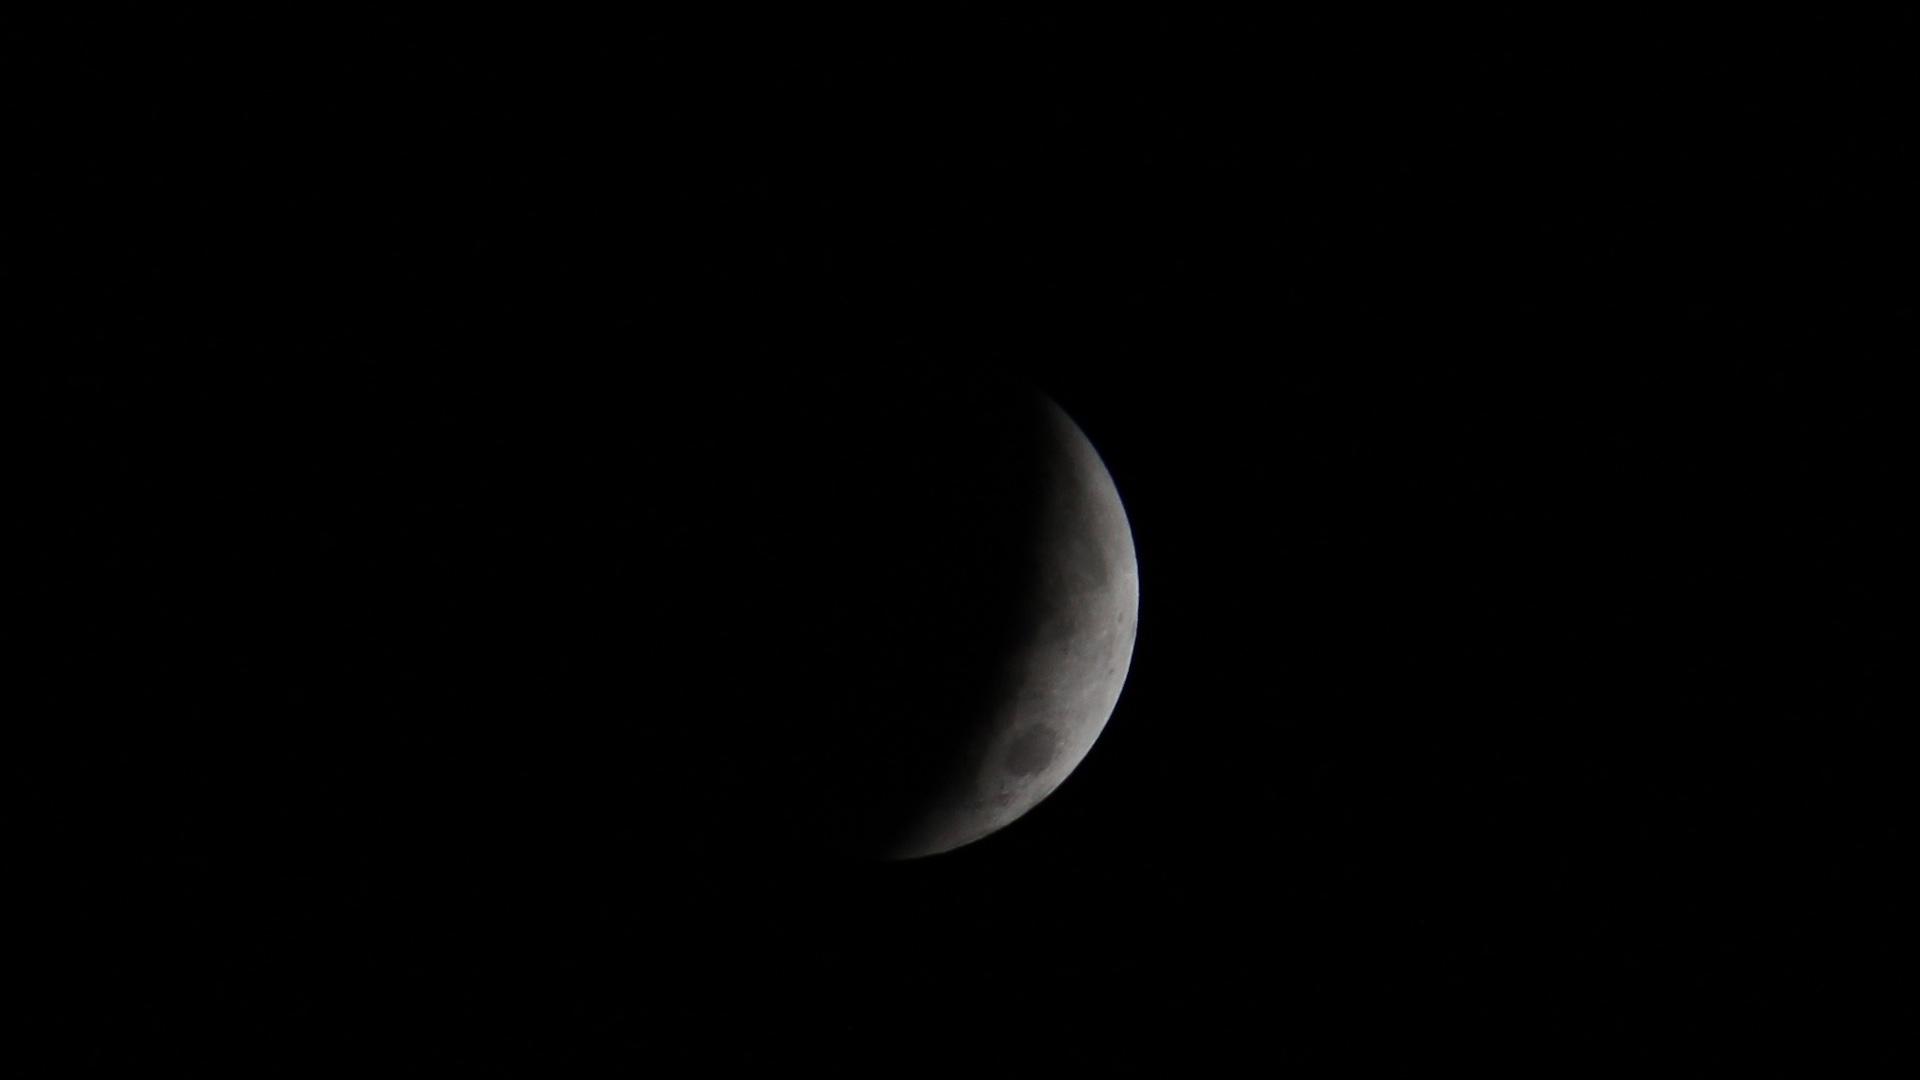 Lunar Eclipse 20141008 7